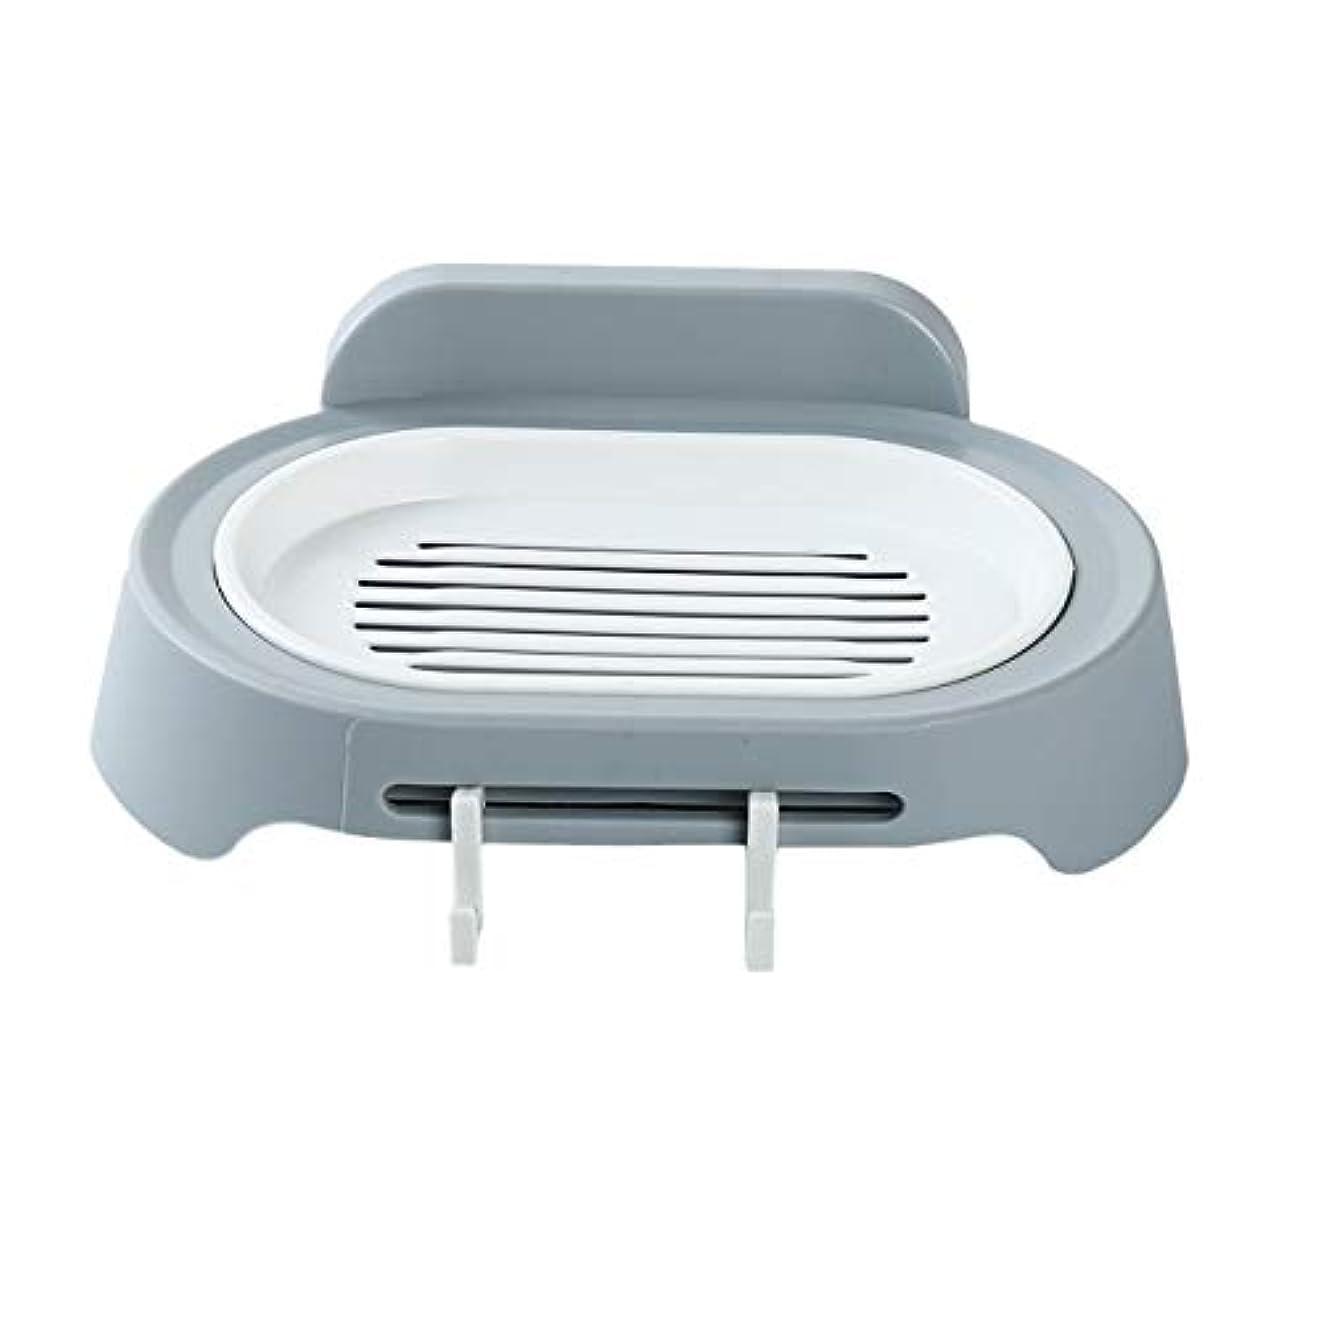 極端なふりをする咳ZALING 灰色のホックが付いているの浴室の石鹸の貯蔵の吸引の壁に取り付けられた石鹸のオルガナイザー